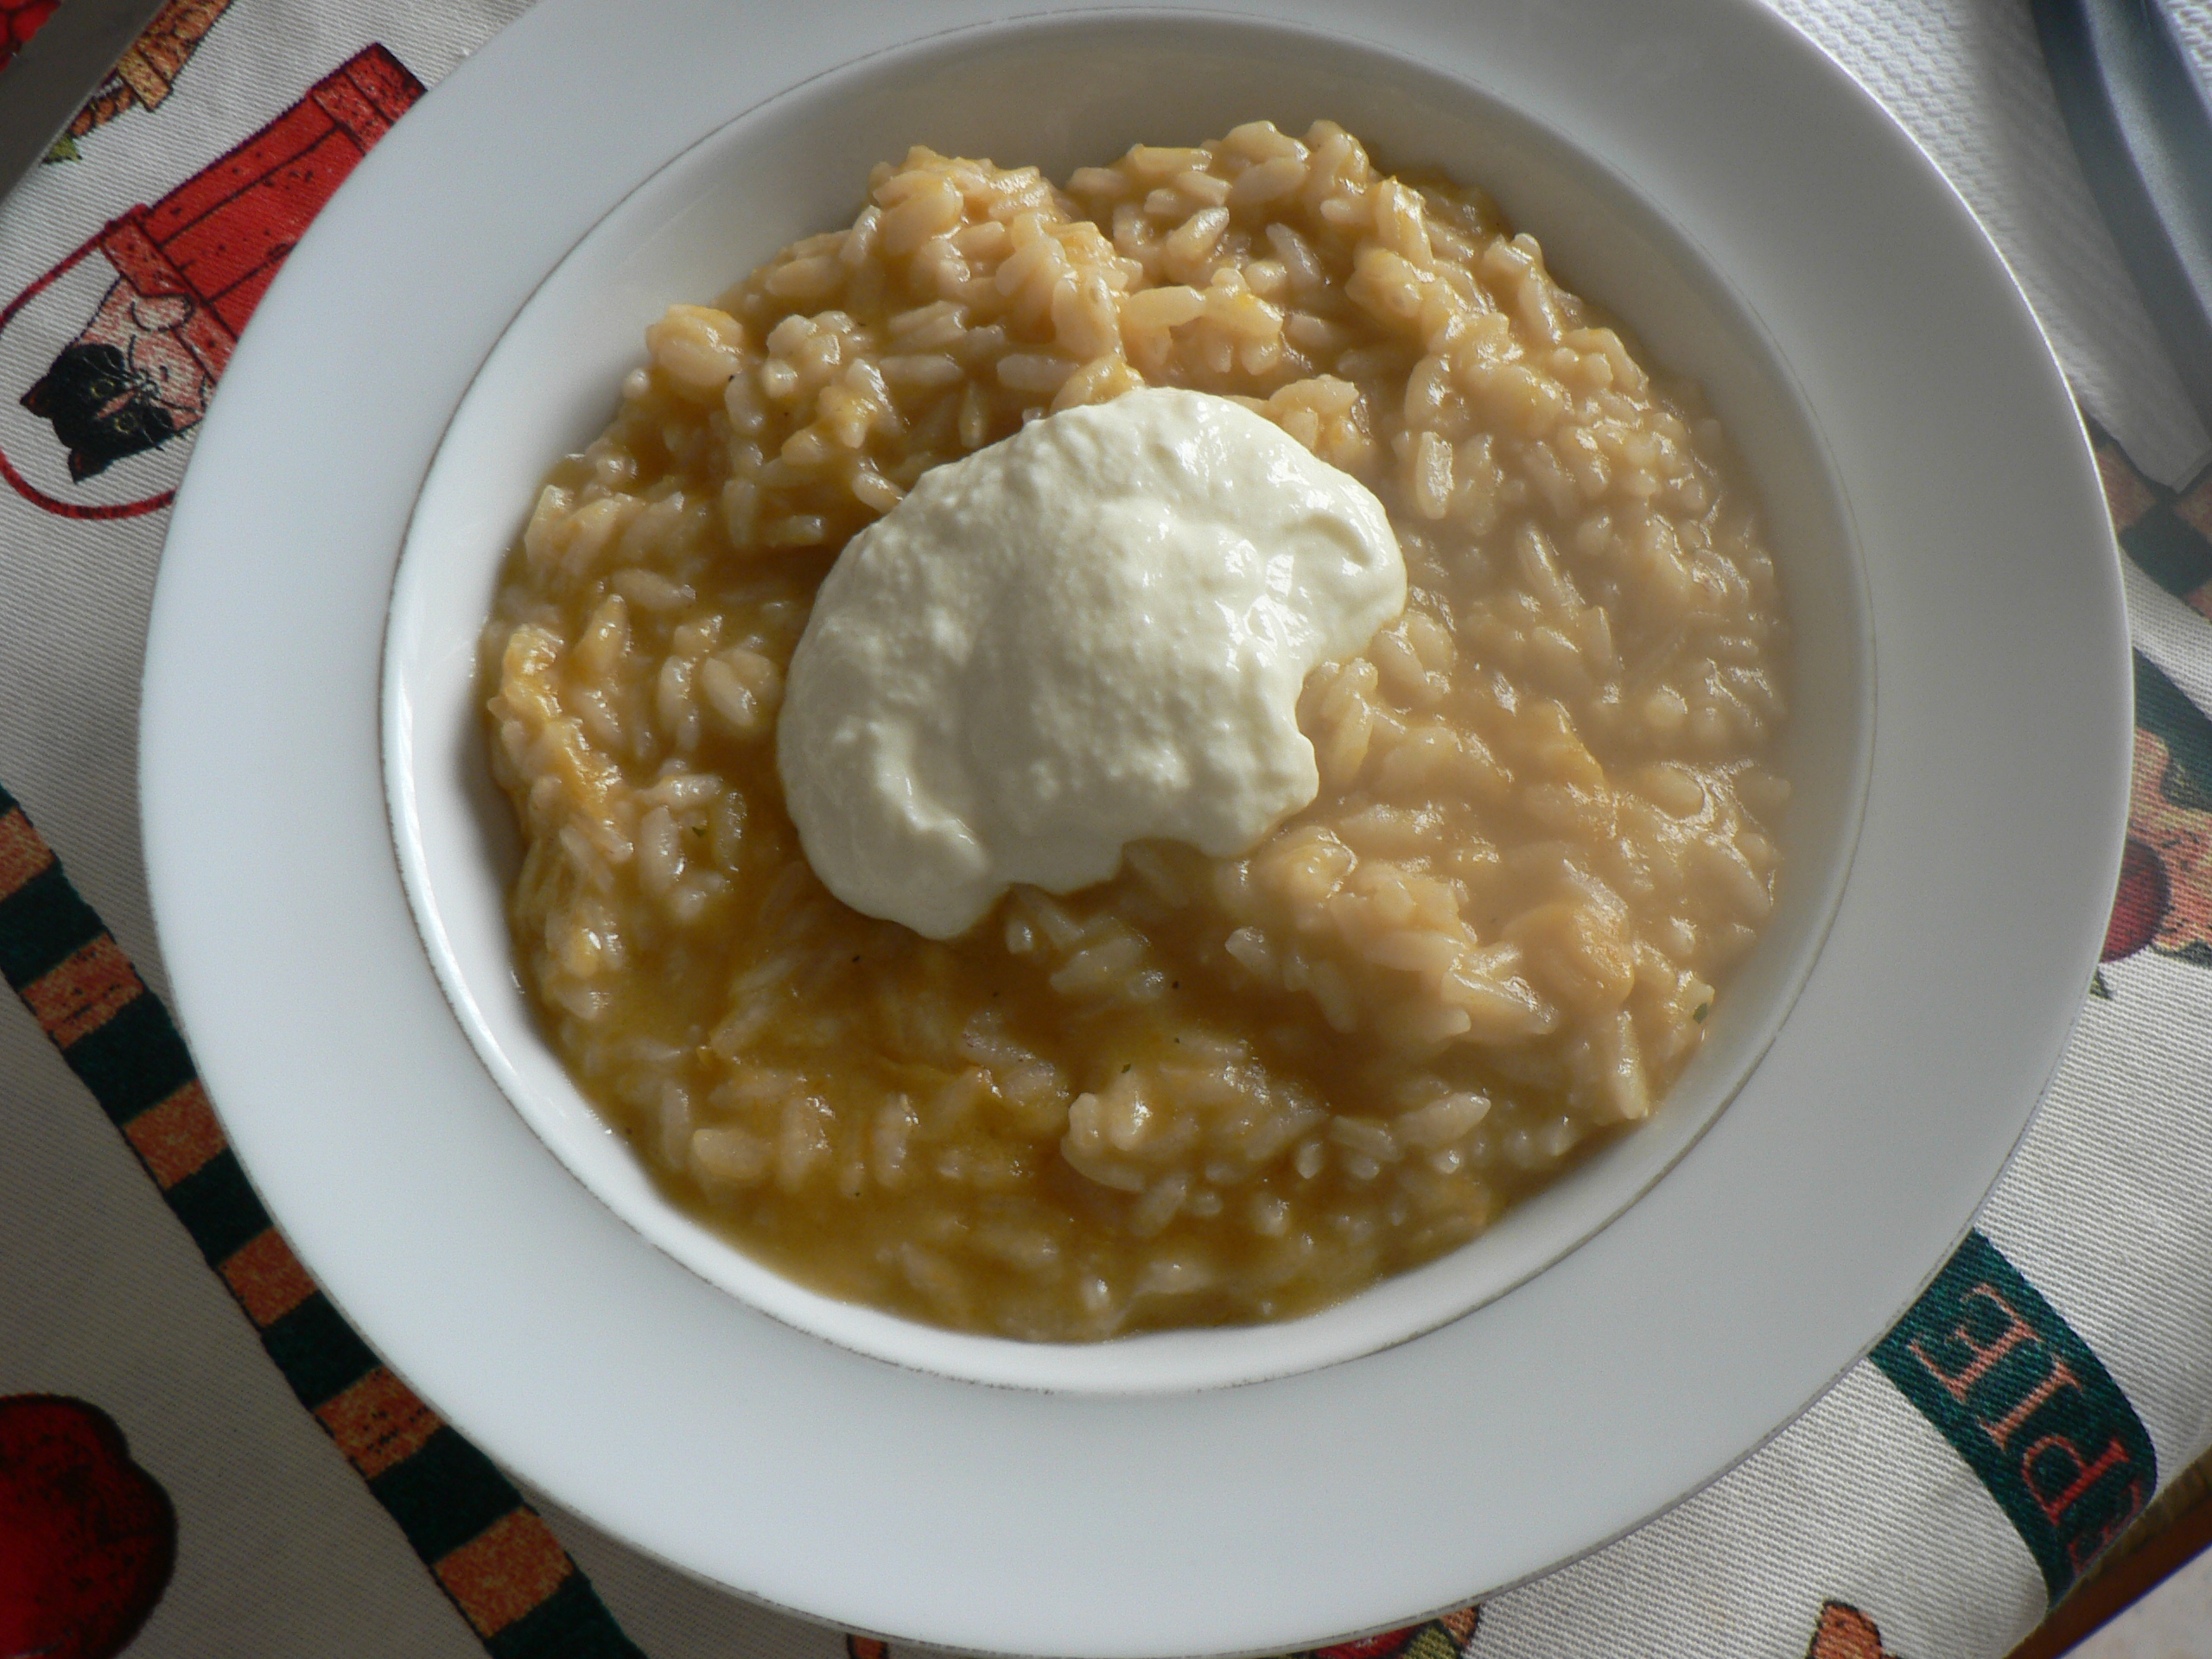 Ricette creme con panna da cucina ricette casalinghe - Panna da cucina ricette ...